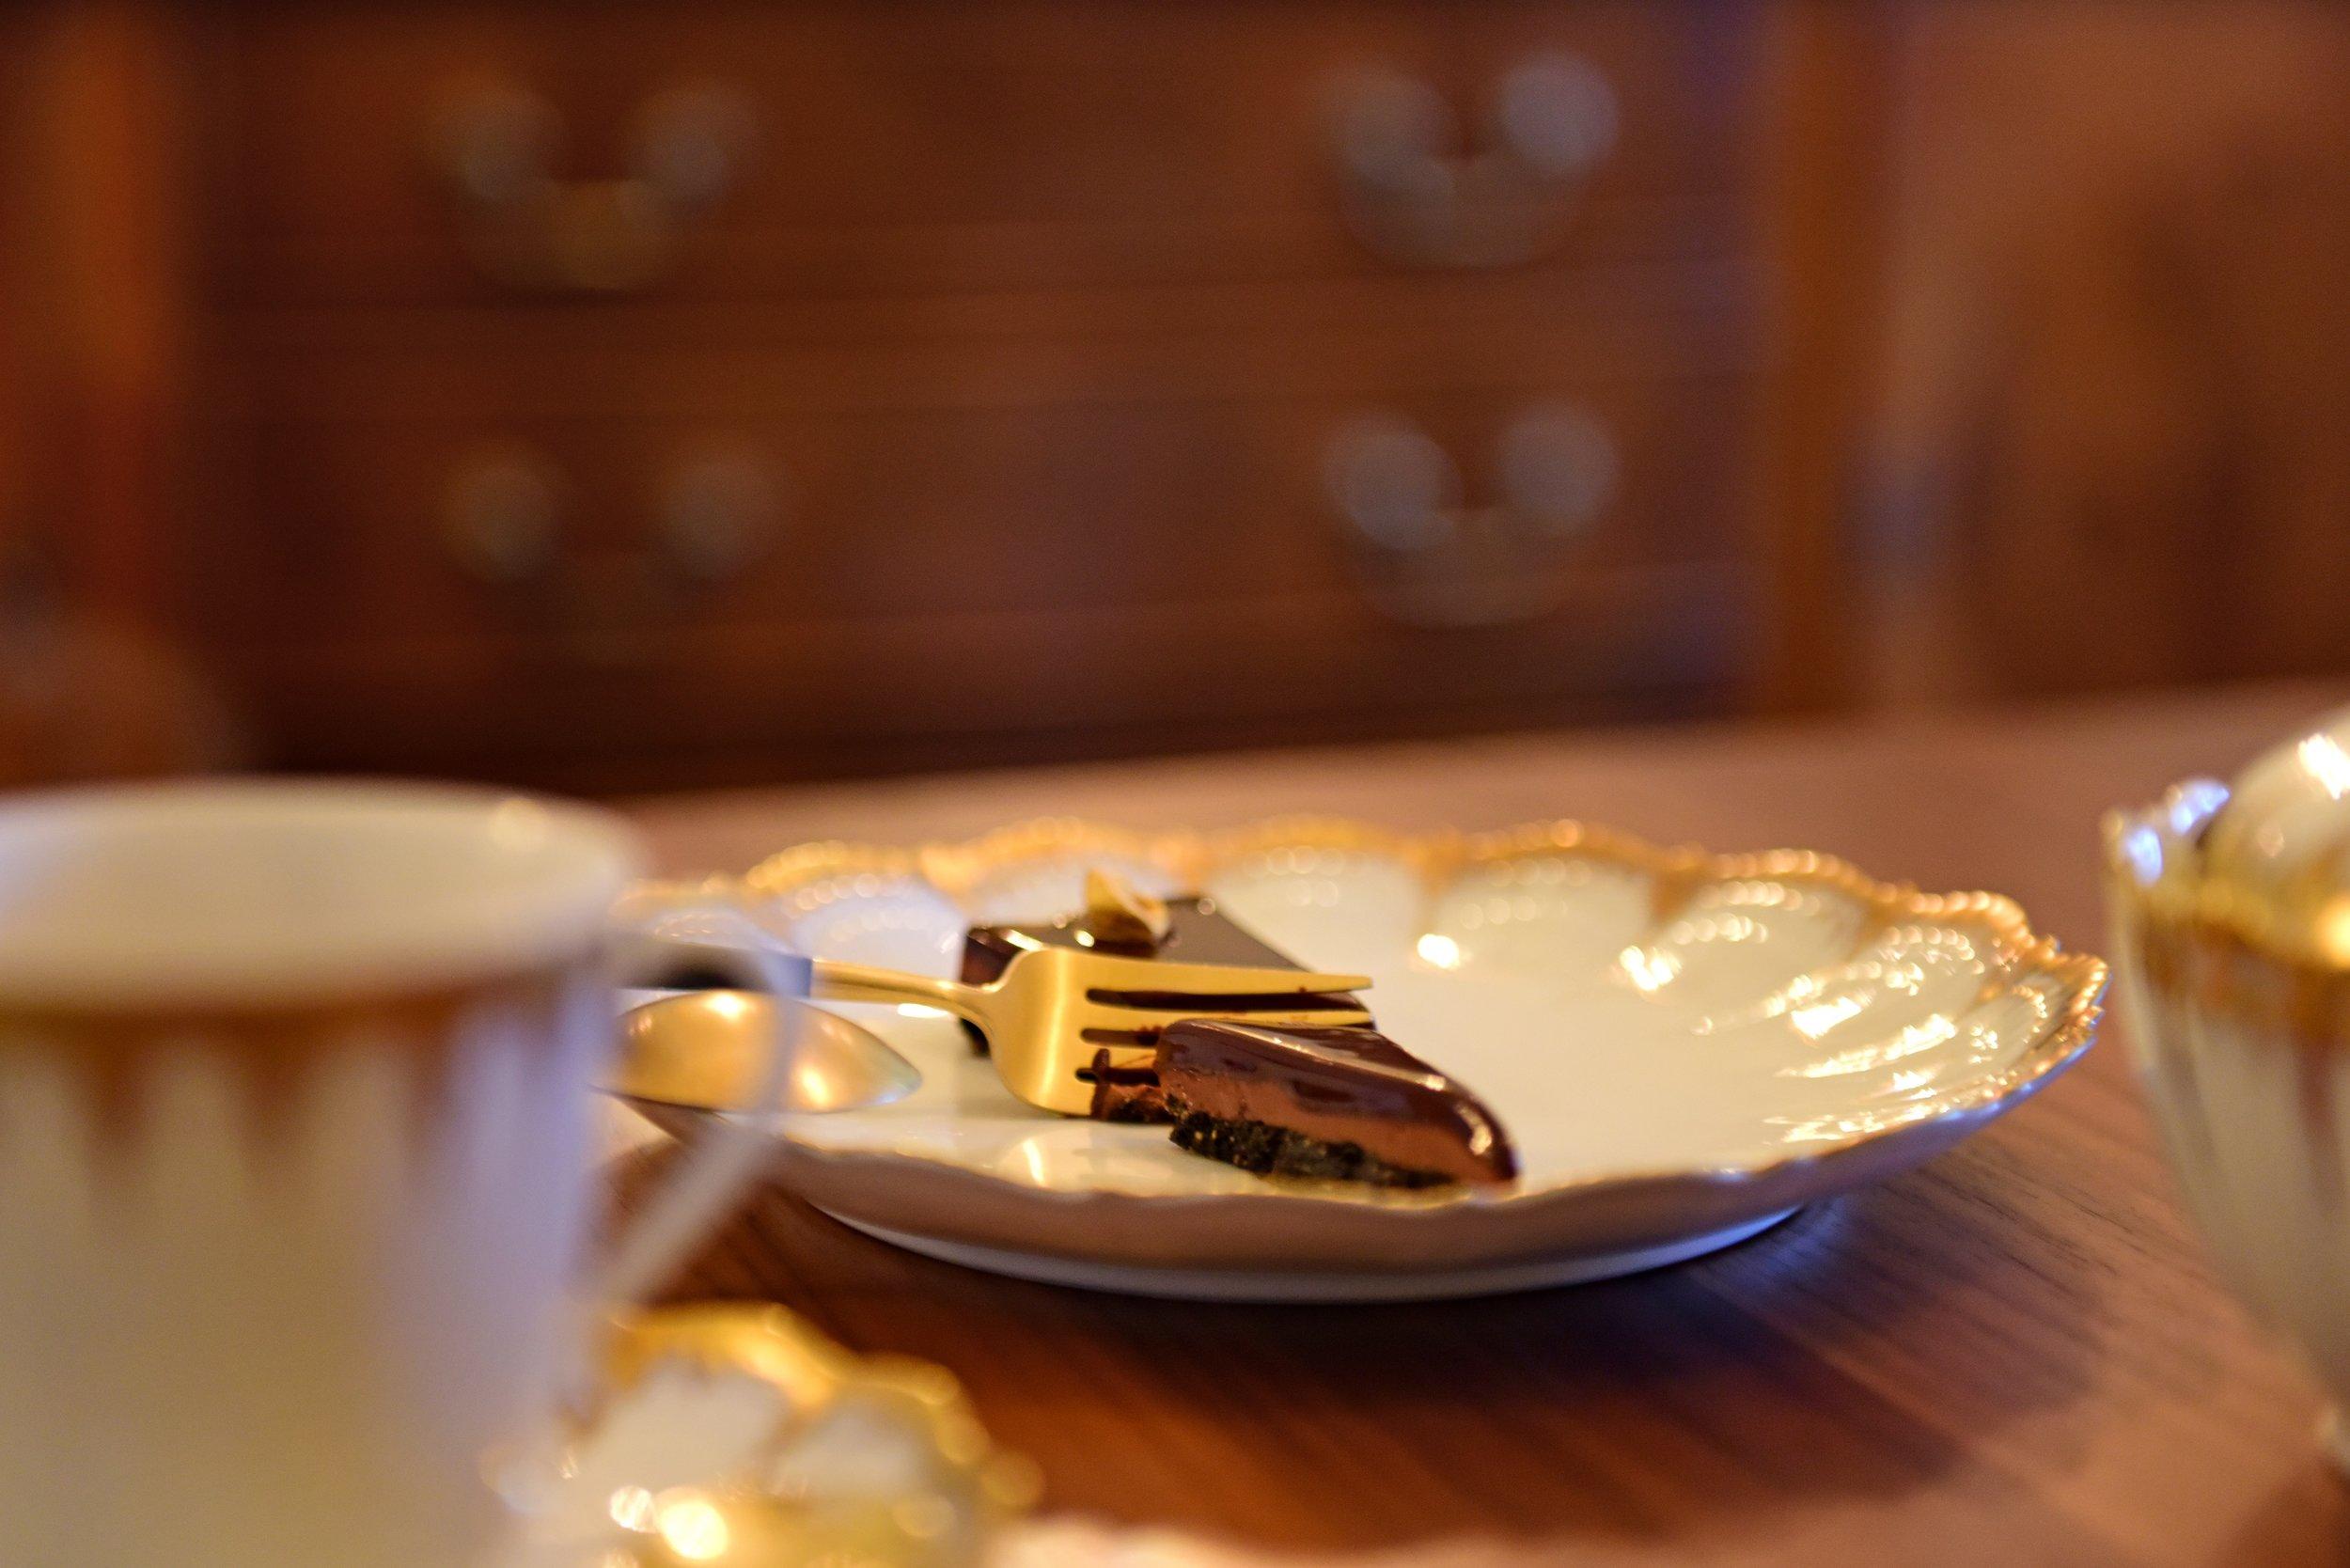 19 dome antwerpen bart albrecht tablefever culinair foodfotograaf.jpg